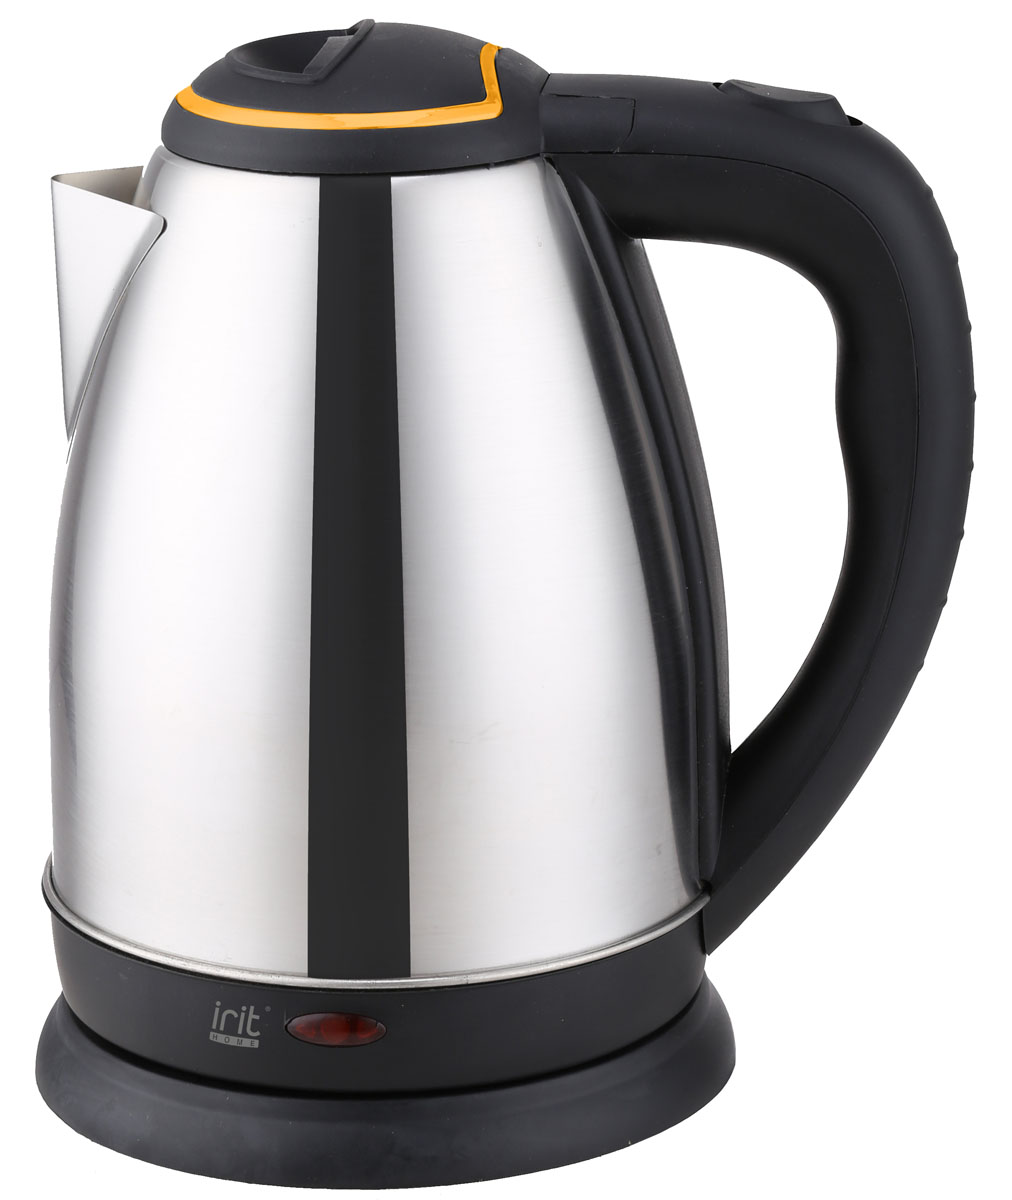 Irit IR-1338, Orange электрический чайник электрический чайник irit ir 1314 silver red